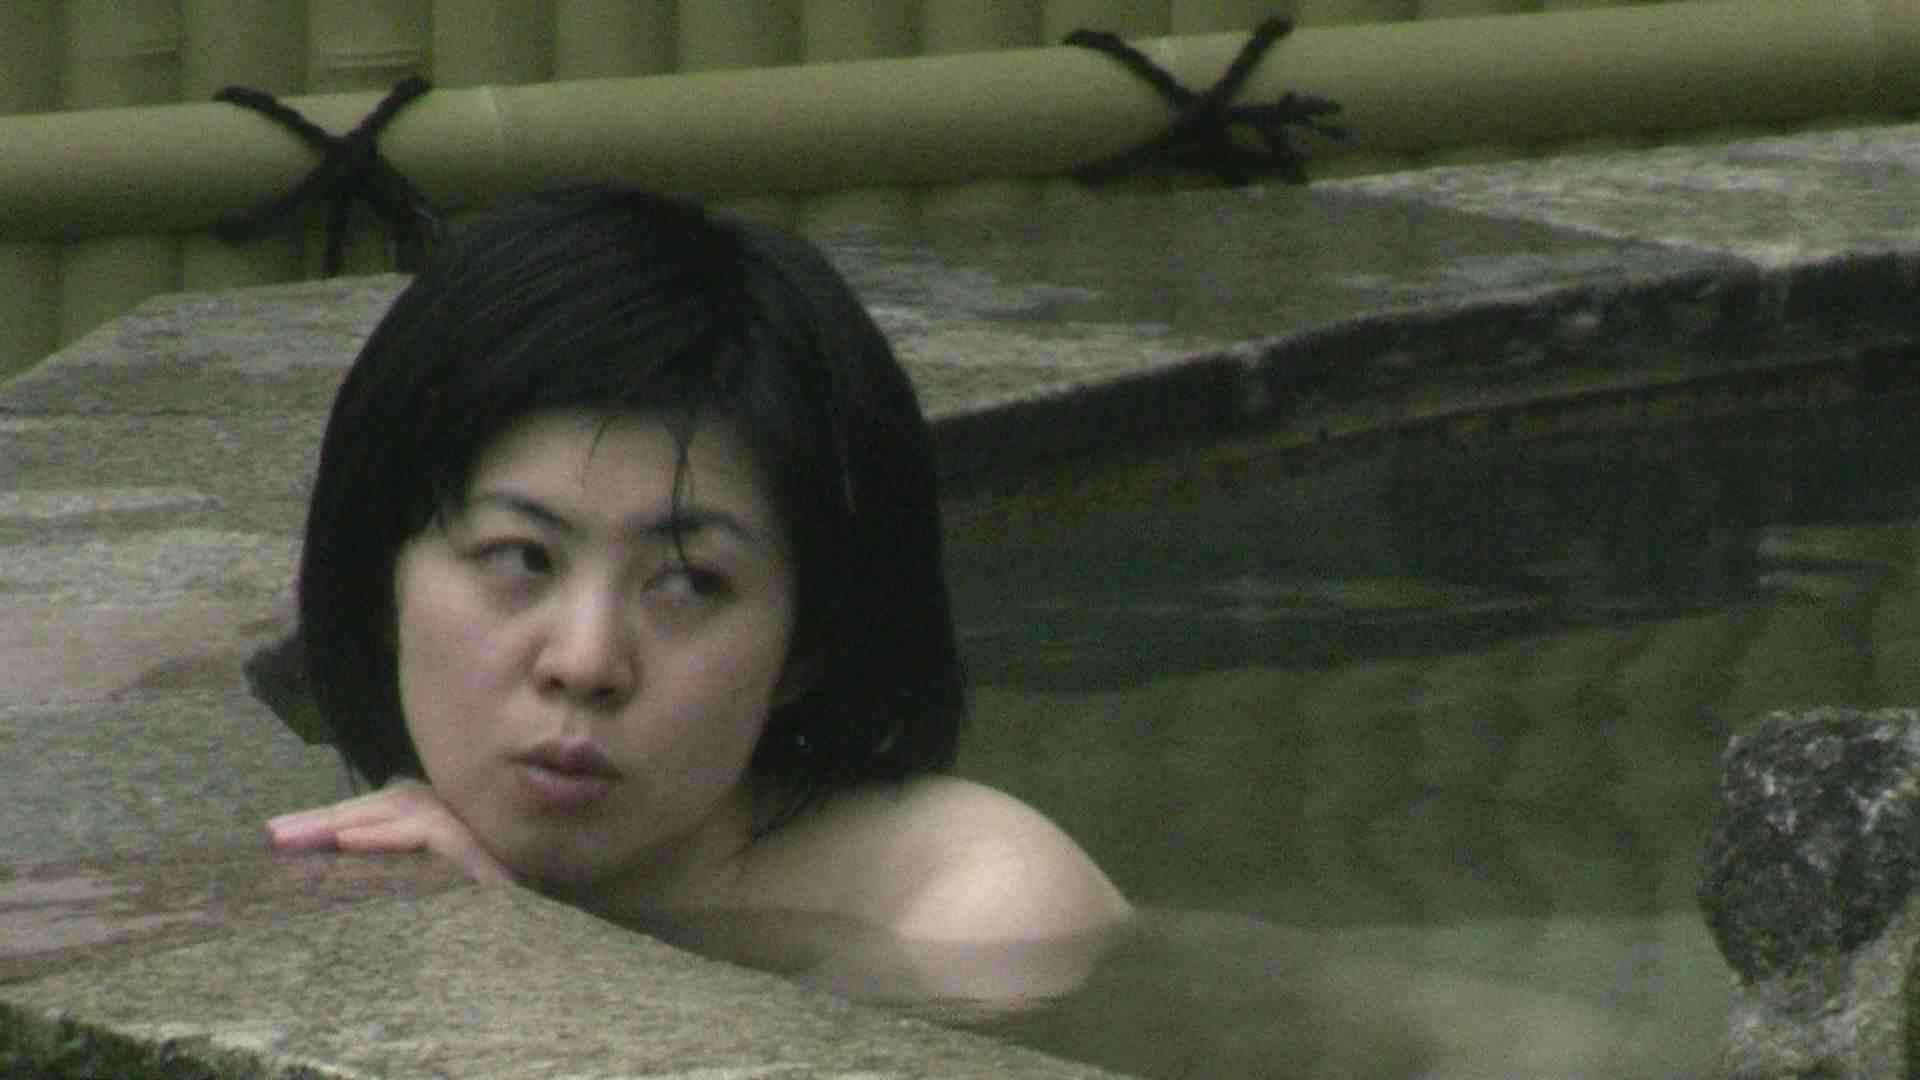 Aquaな露天風呂Vol.685 露天風呂 | 盗撮動画  9枚 5